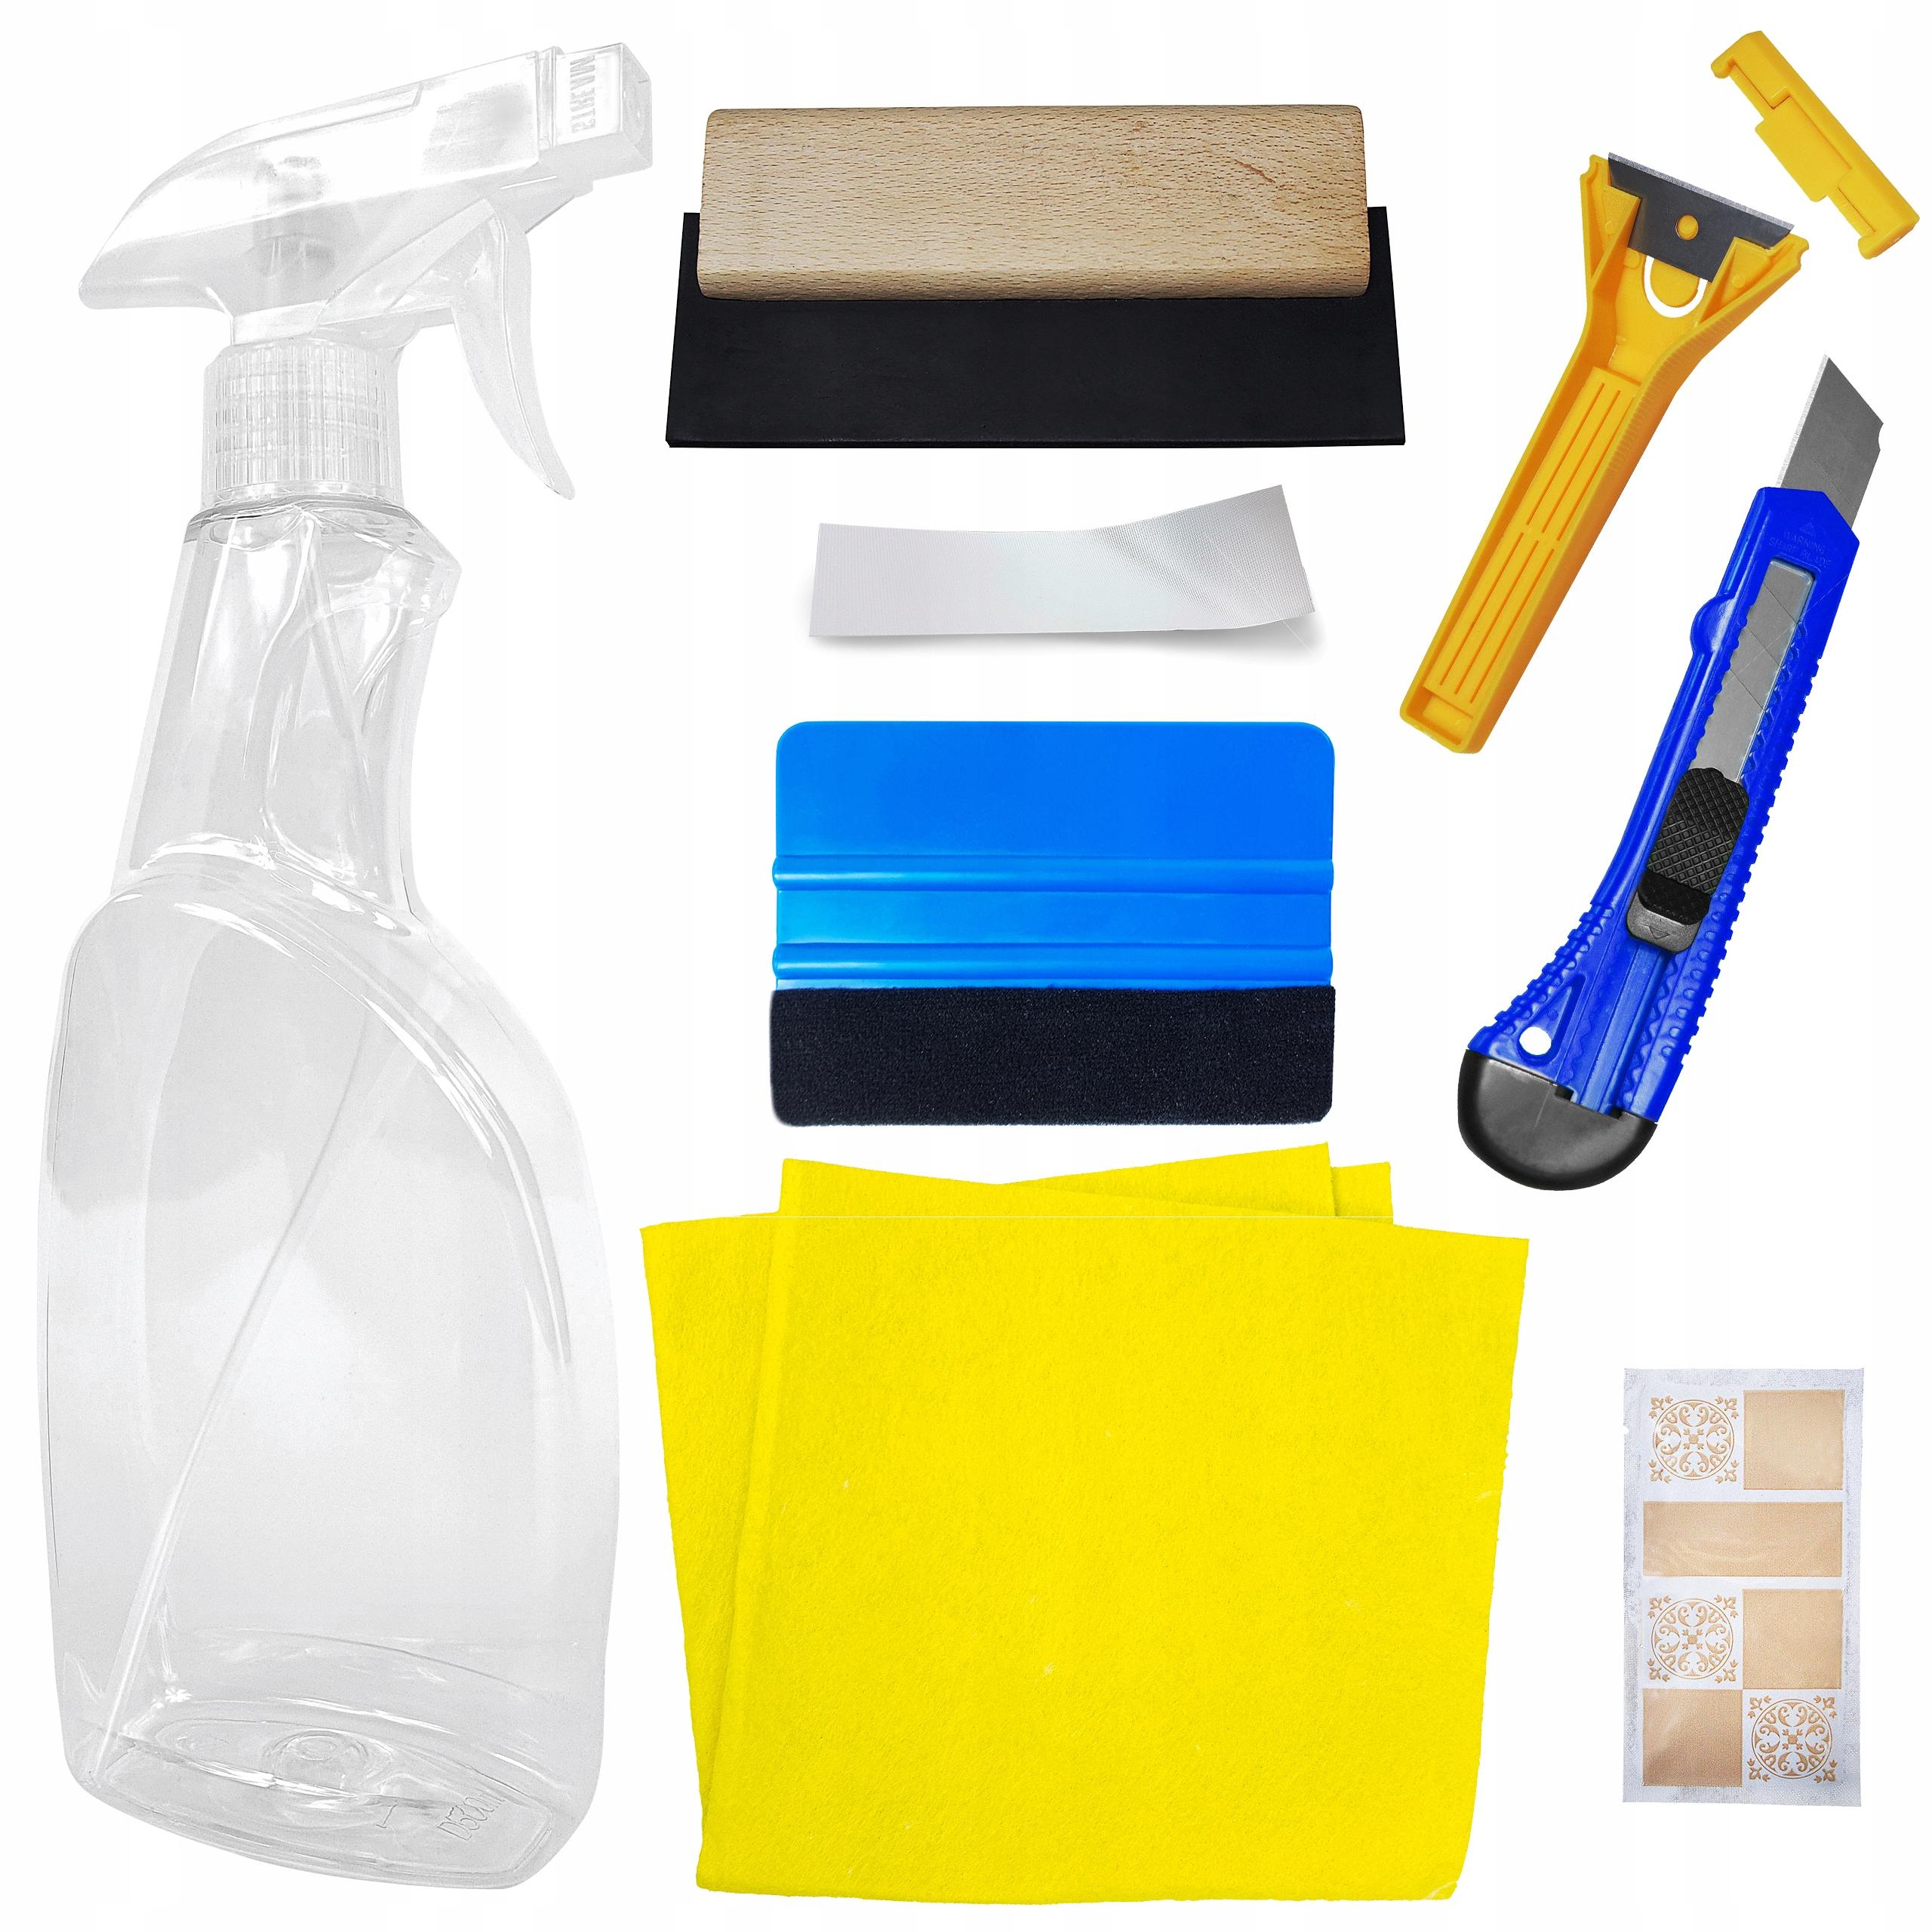 produkty przydatne do montażu)